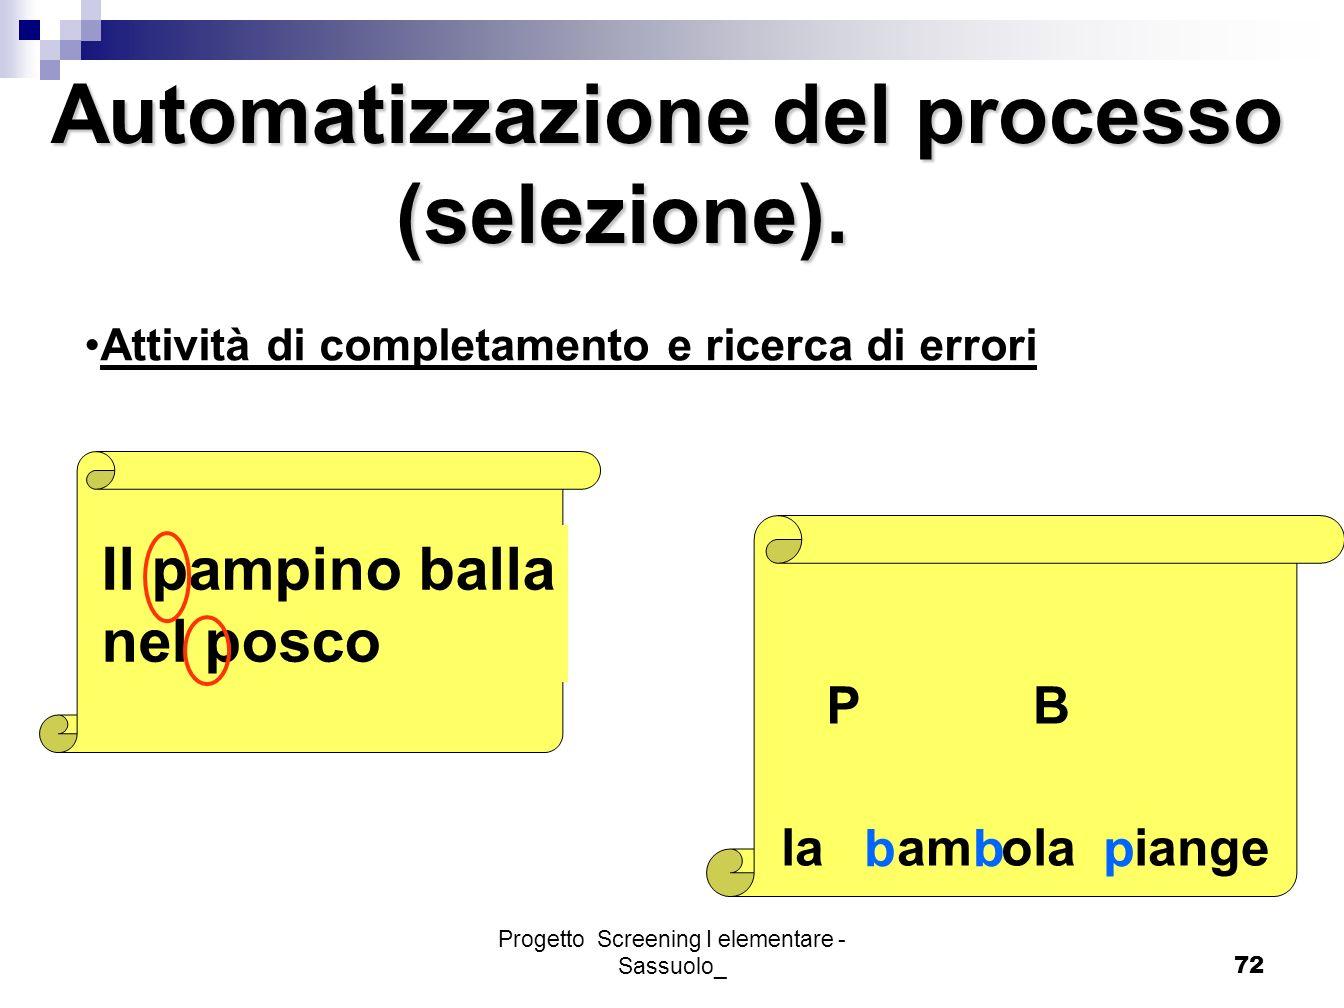 Progetto Screening I elementare - Sassuolo_72 Attività di completamento e ricerca di errori Il pampino balla nel posco PB la am ola iange bbp Automati